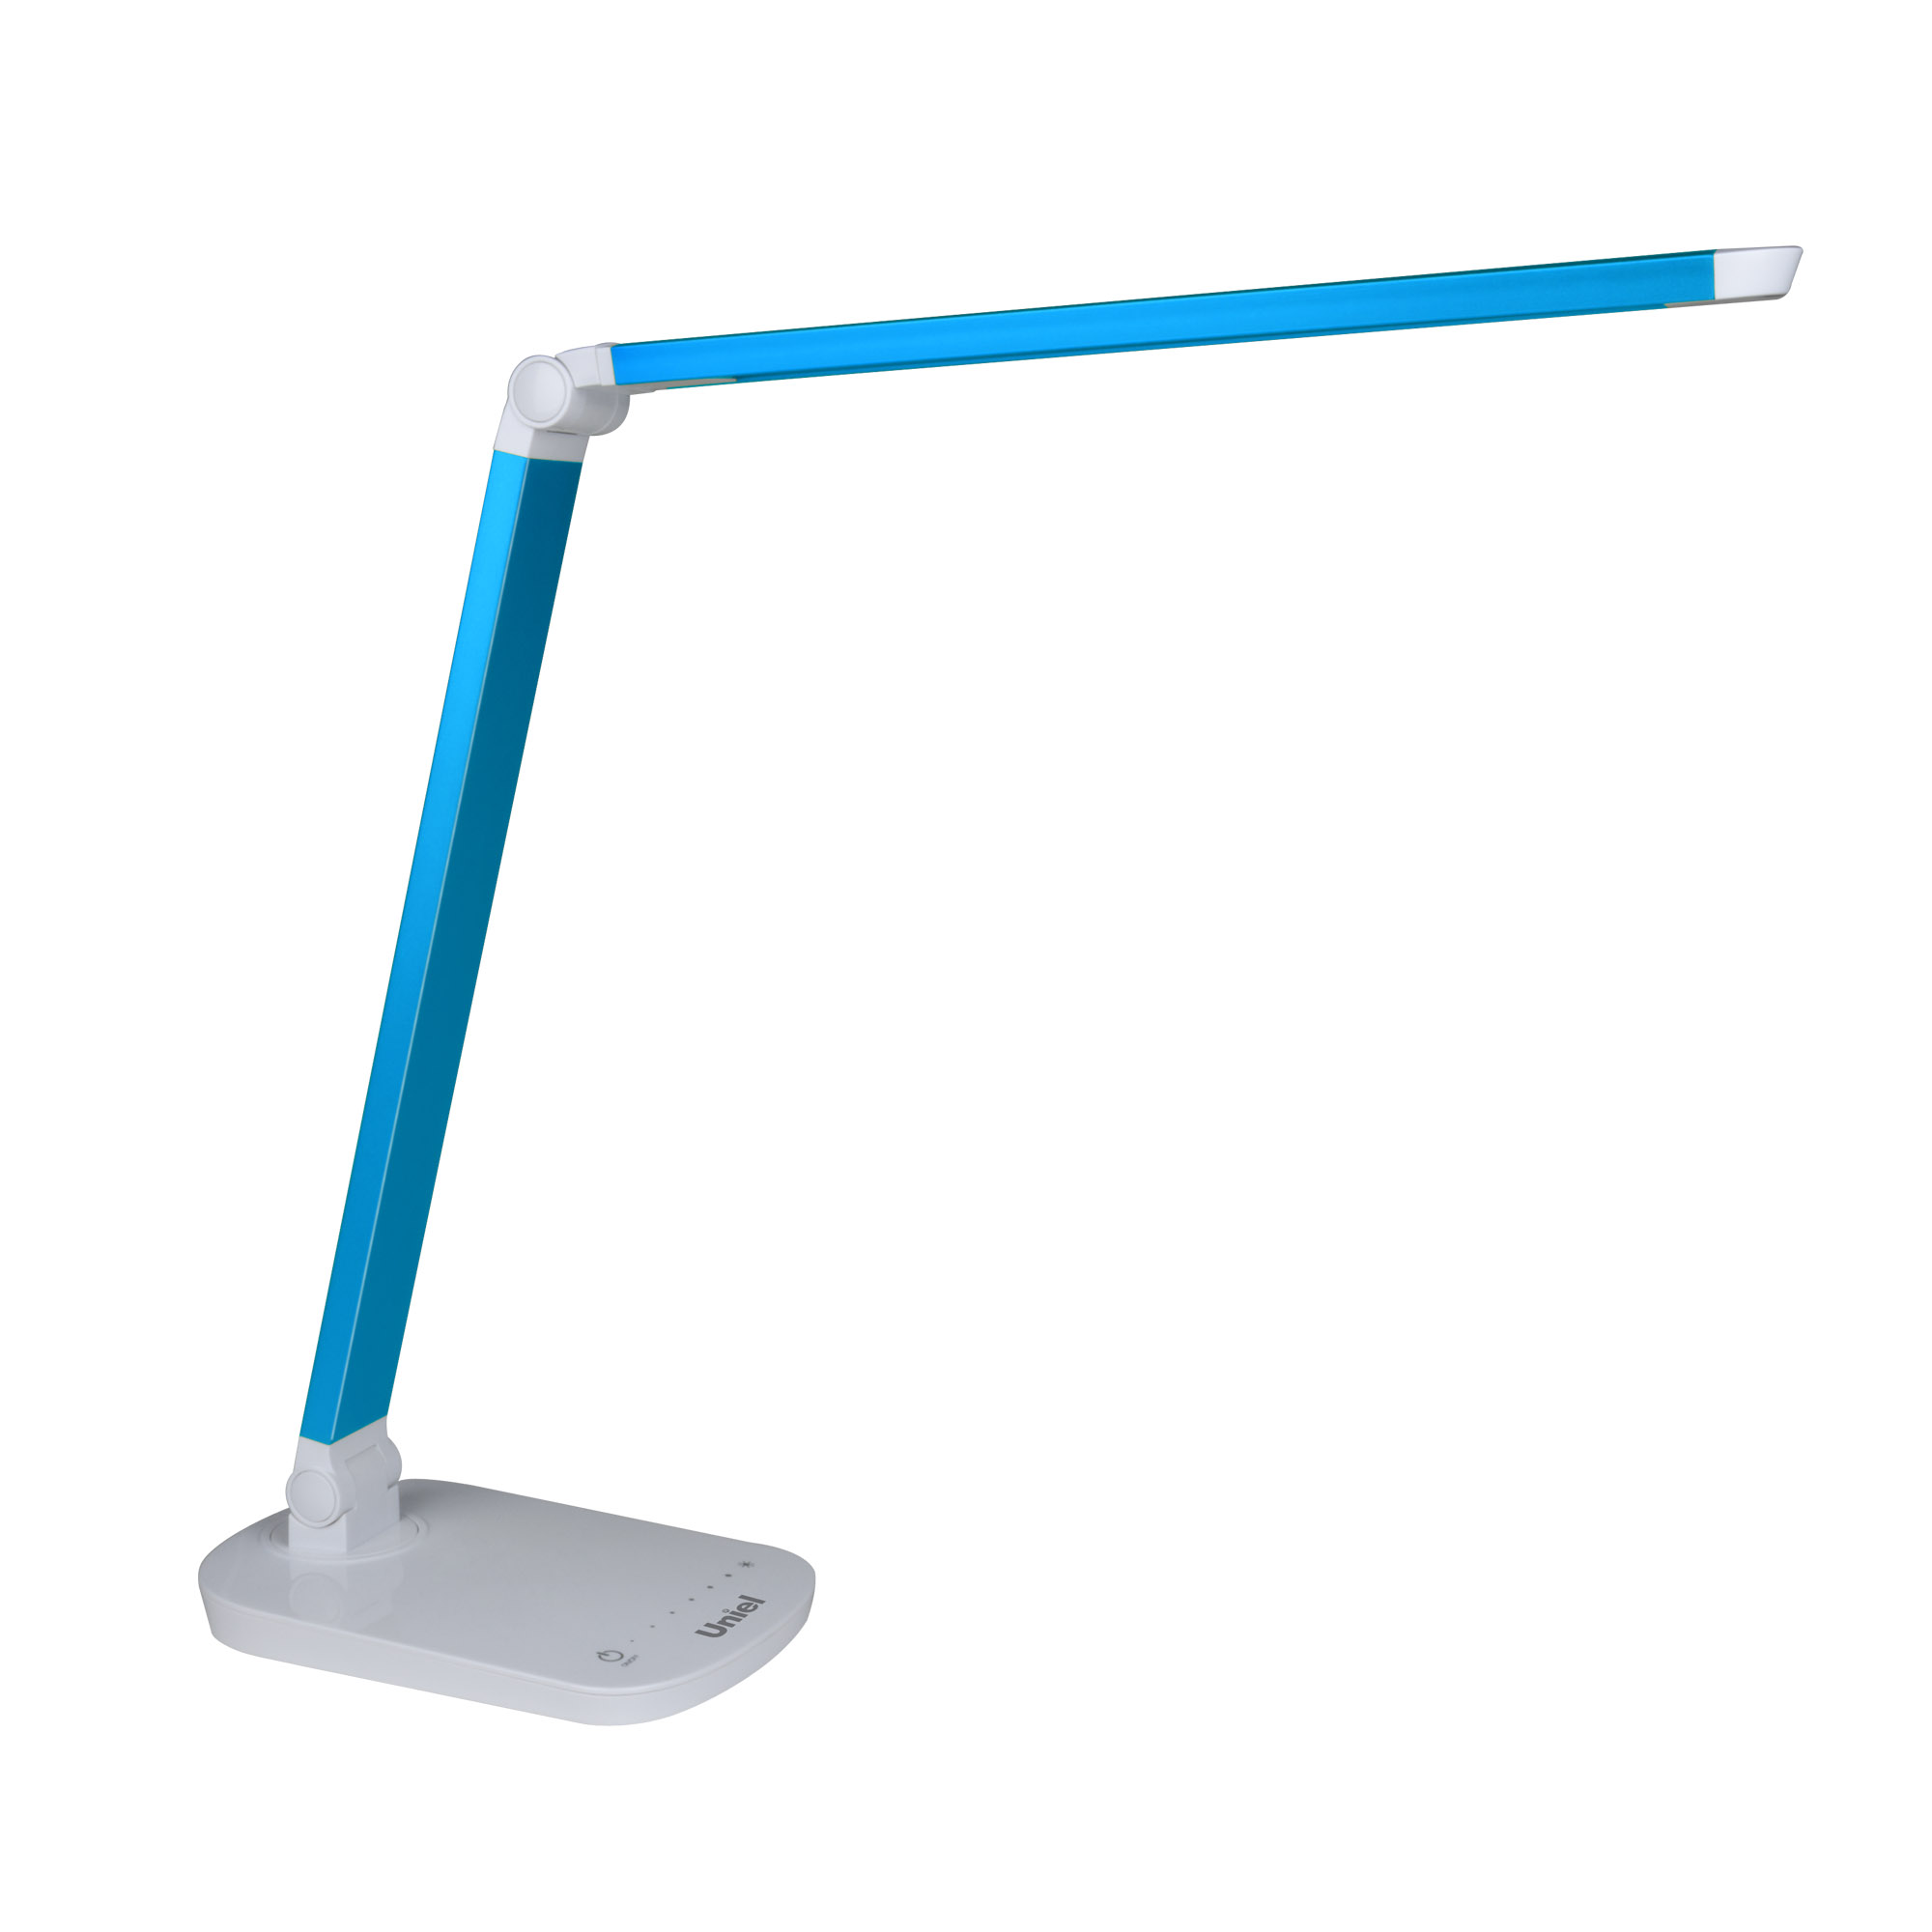 Лампа настольная Uniel Tld-521 blue/led/800lm/5000k/dimmer uniel настольная лампа uniel tld 521 blue led 800lm 5000k dimmer 10084